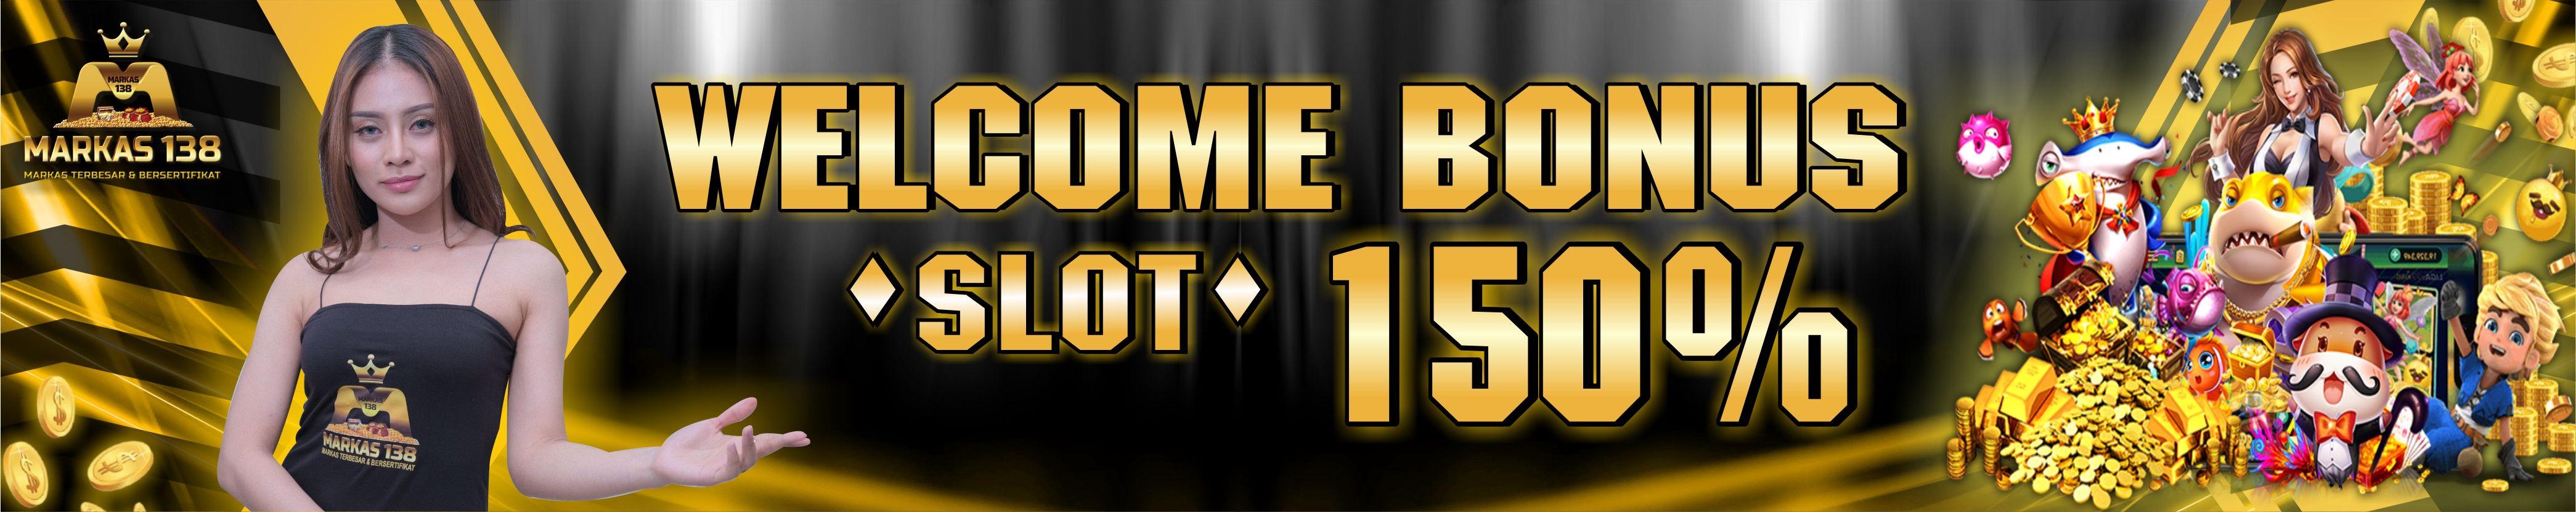 Welcome Bonus 150% Slot Spade Gaming dan Joker